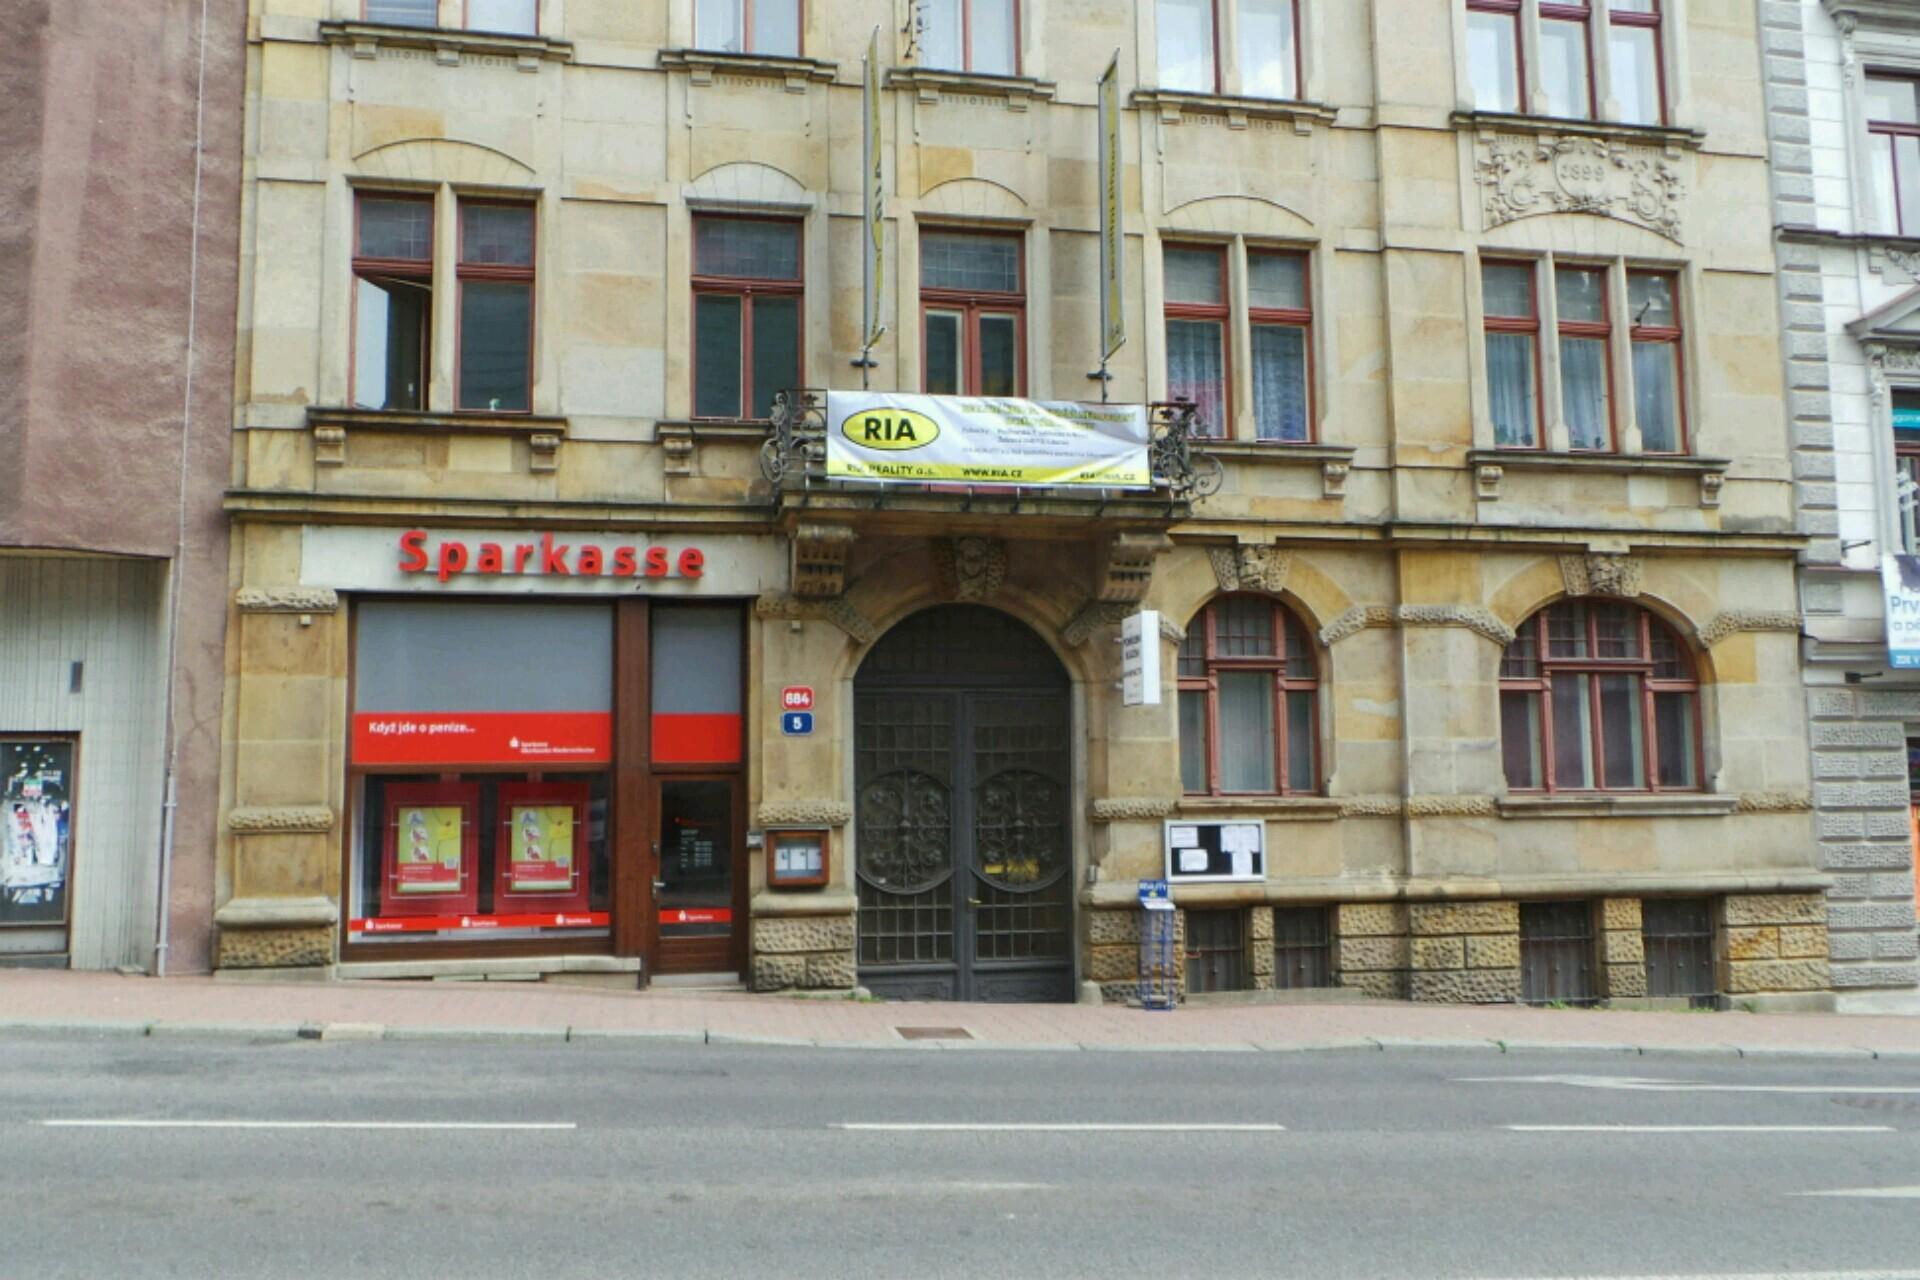 spk oberlausitz niederschlesien online banking